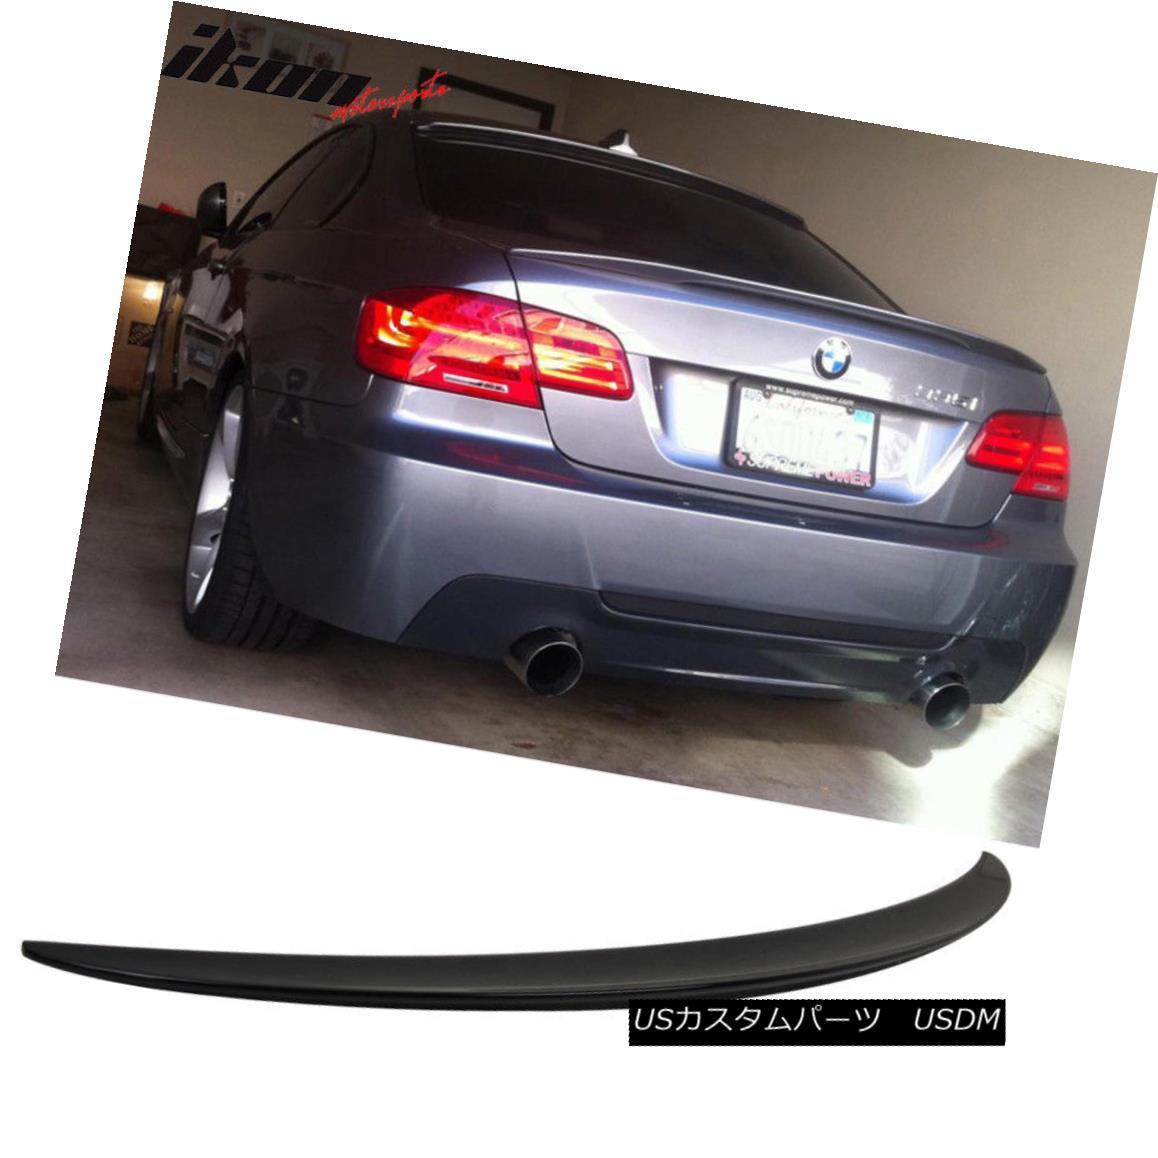 エアロパーツ 07-13 3-Series E93 Trunk Spoiler P-Style # 475 Black Sapphire Metallic 07-13 3シリーズE93トランク・スポイラーP-Style#475 Black Sapphire Metallic